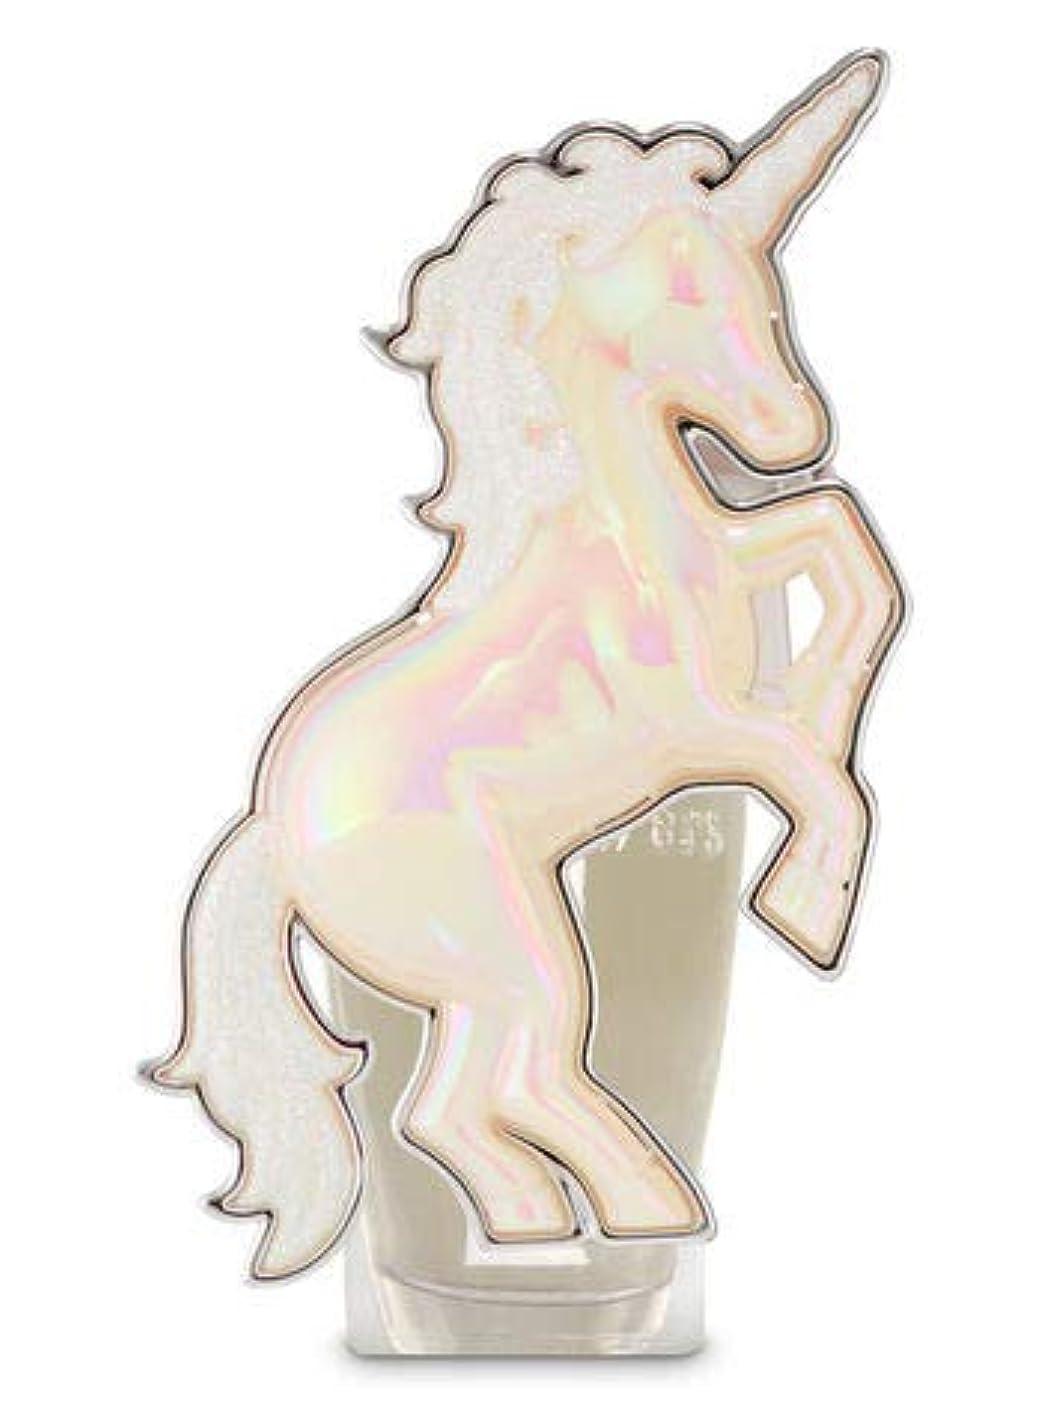 あからさま発掘する簡略化する【Bath&Body Works/バス&ボディワークス】 ルームフレグランス プラグインスターター (本体のみ) ユニコーン ナイトライト Wallflowers Fragrance Plug Unicorn Night Light [並行輸入品]